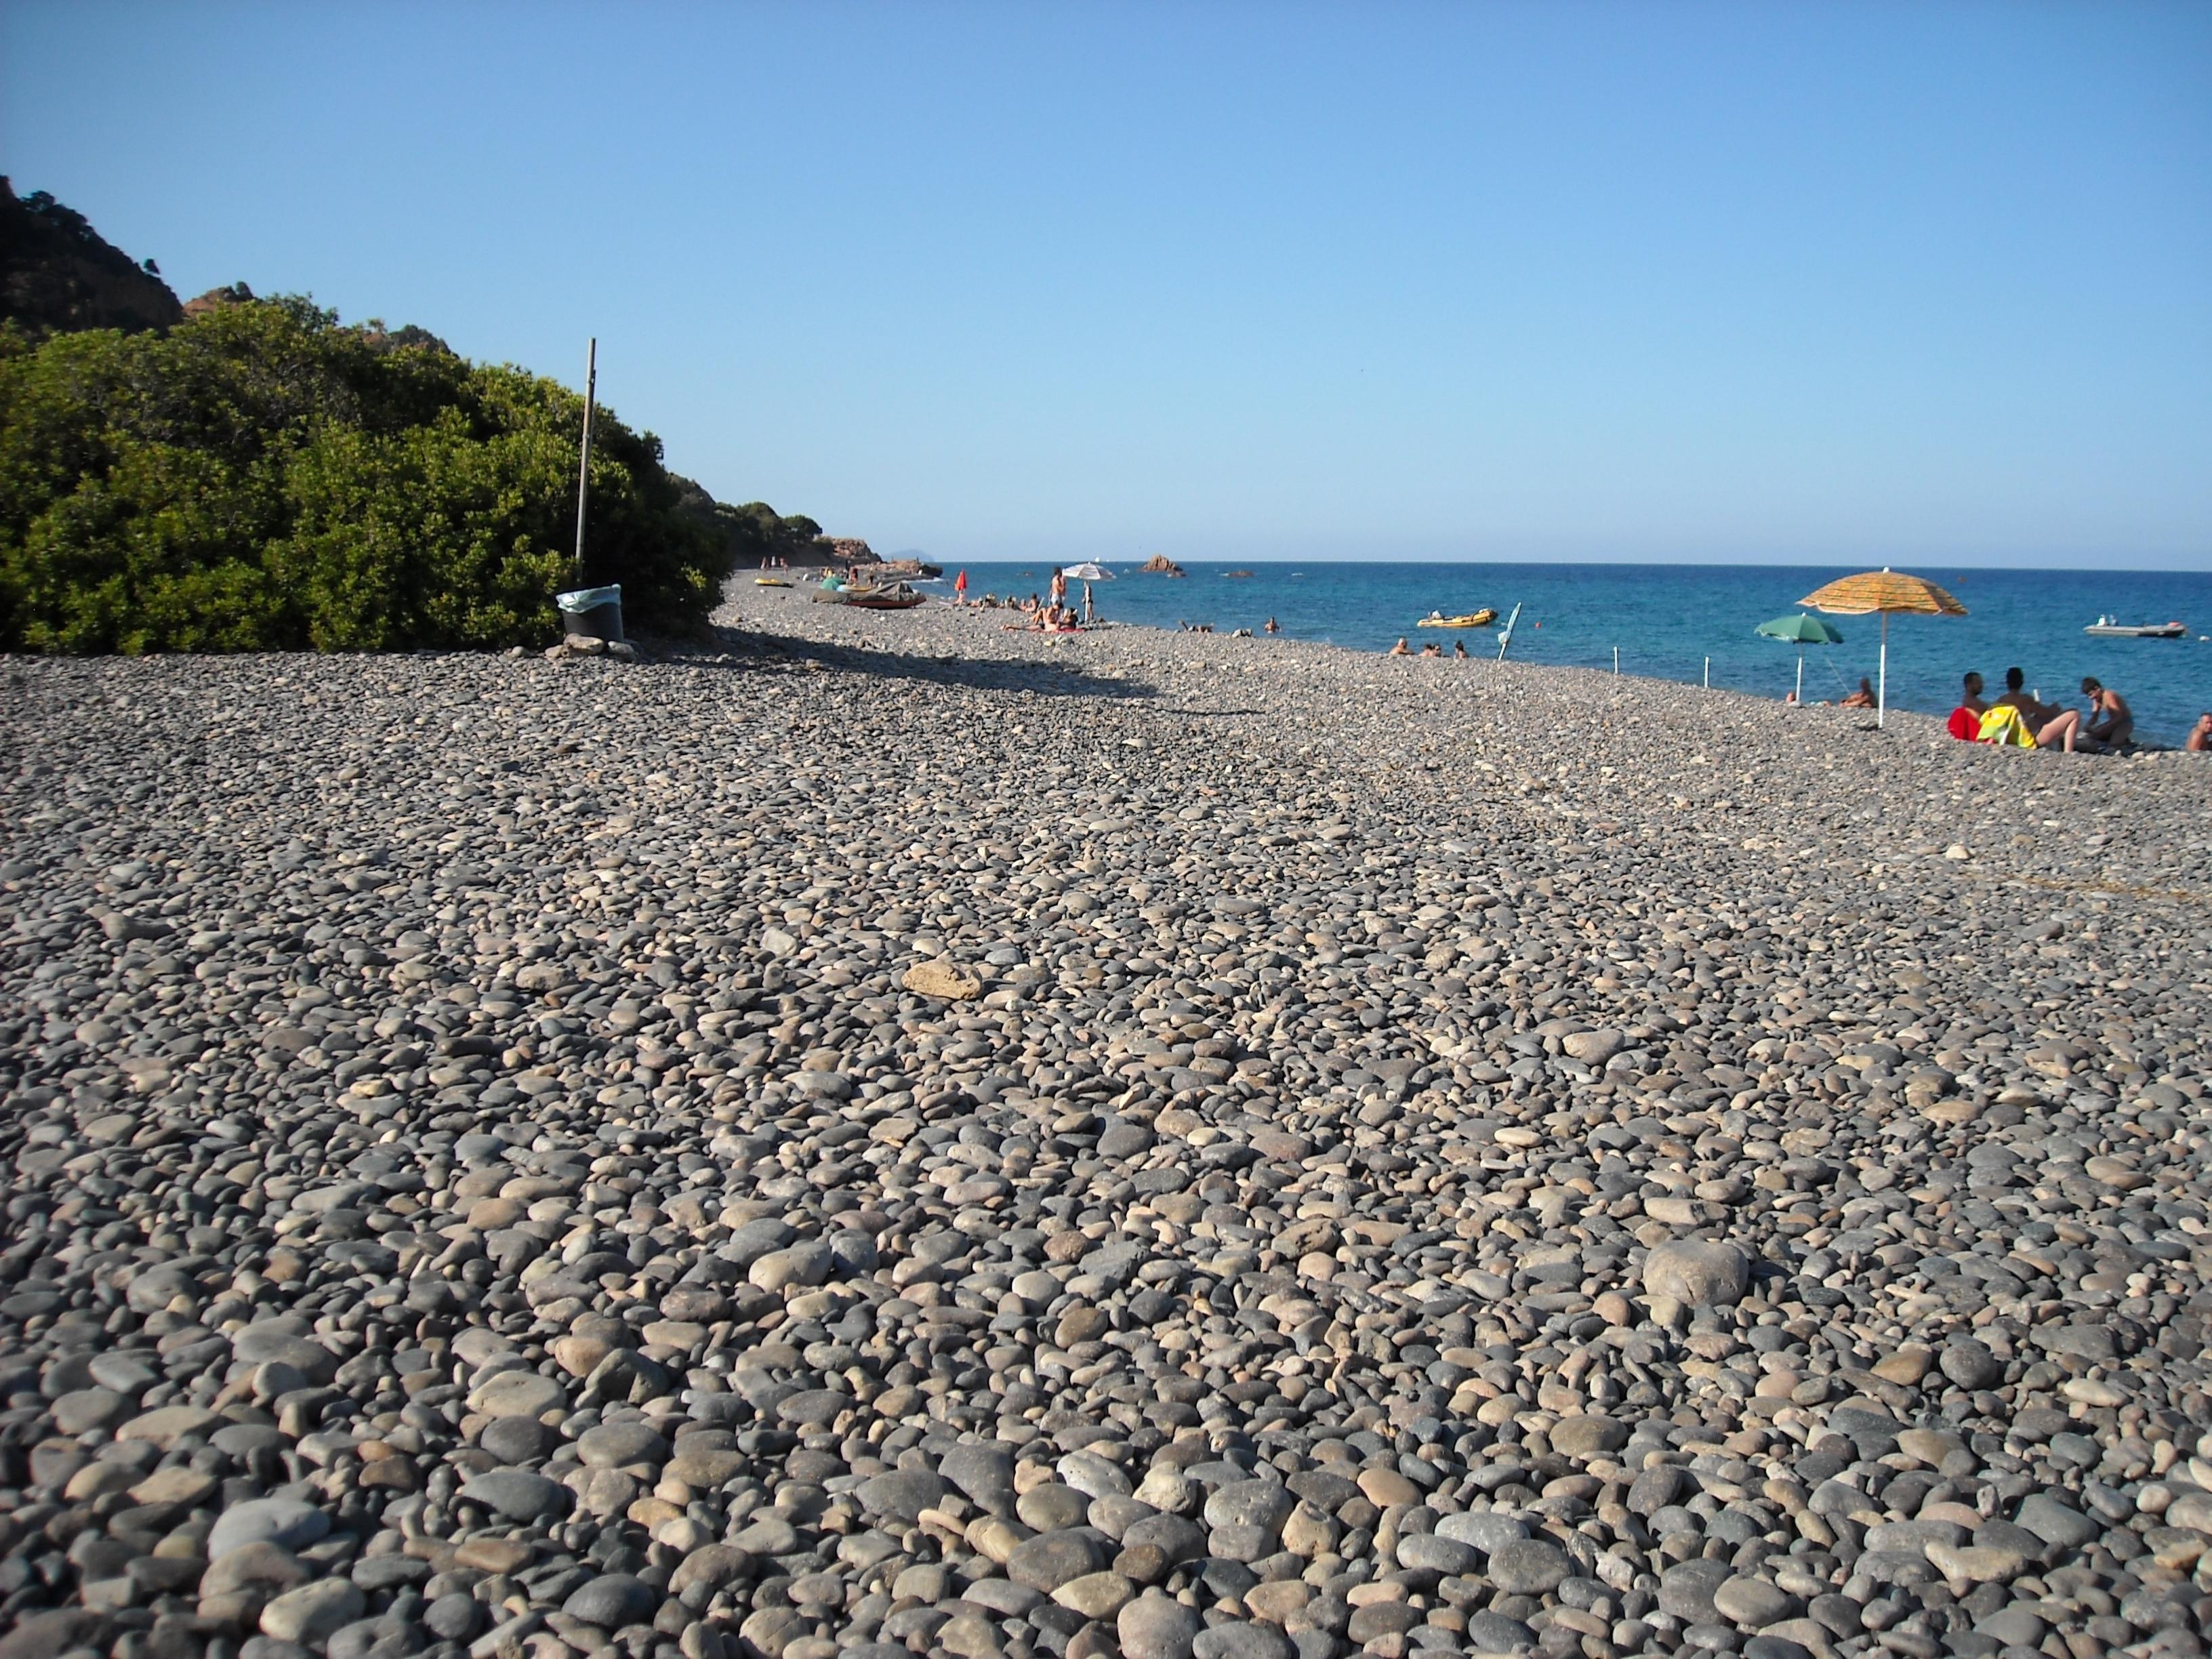 Cardedu, Sardinia, Italy